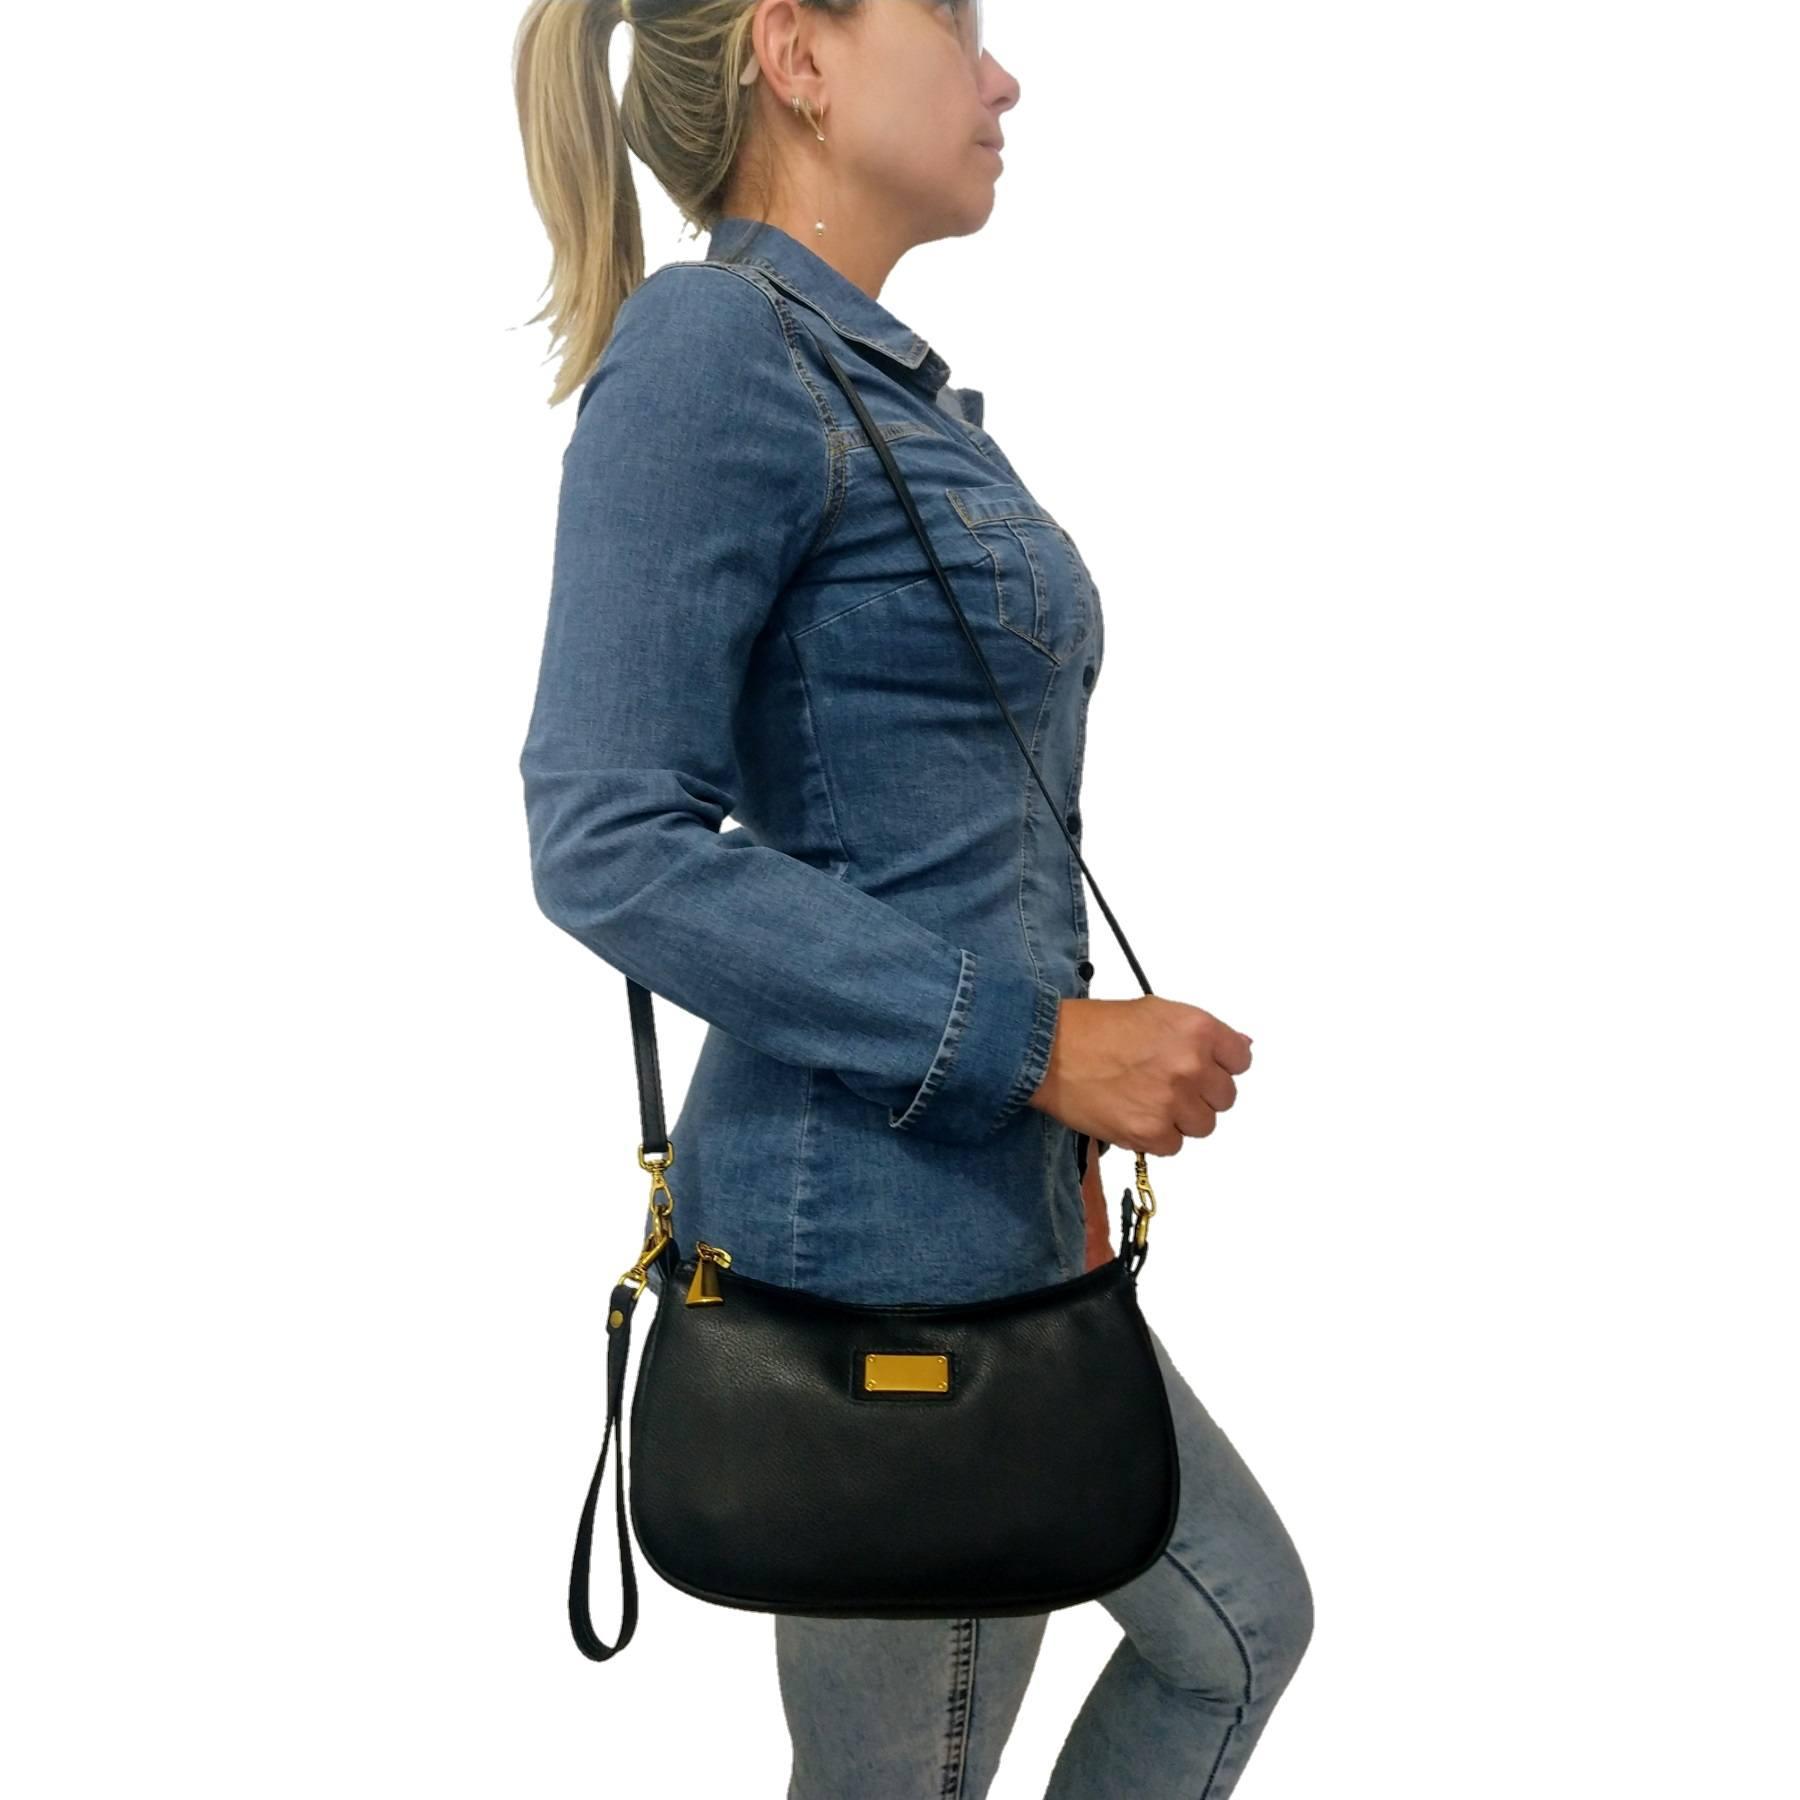 Bolsa Carteira Clutch TopGrife Transversal Couro Preto - Promoção  - SAPATOWEB.COM